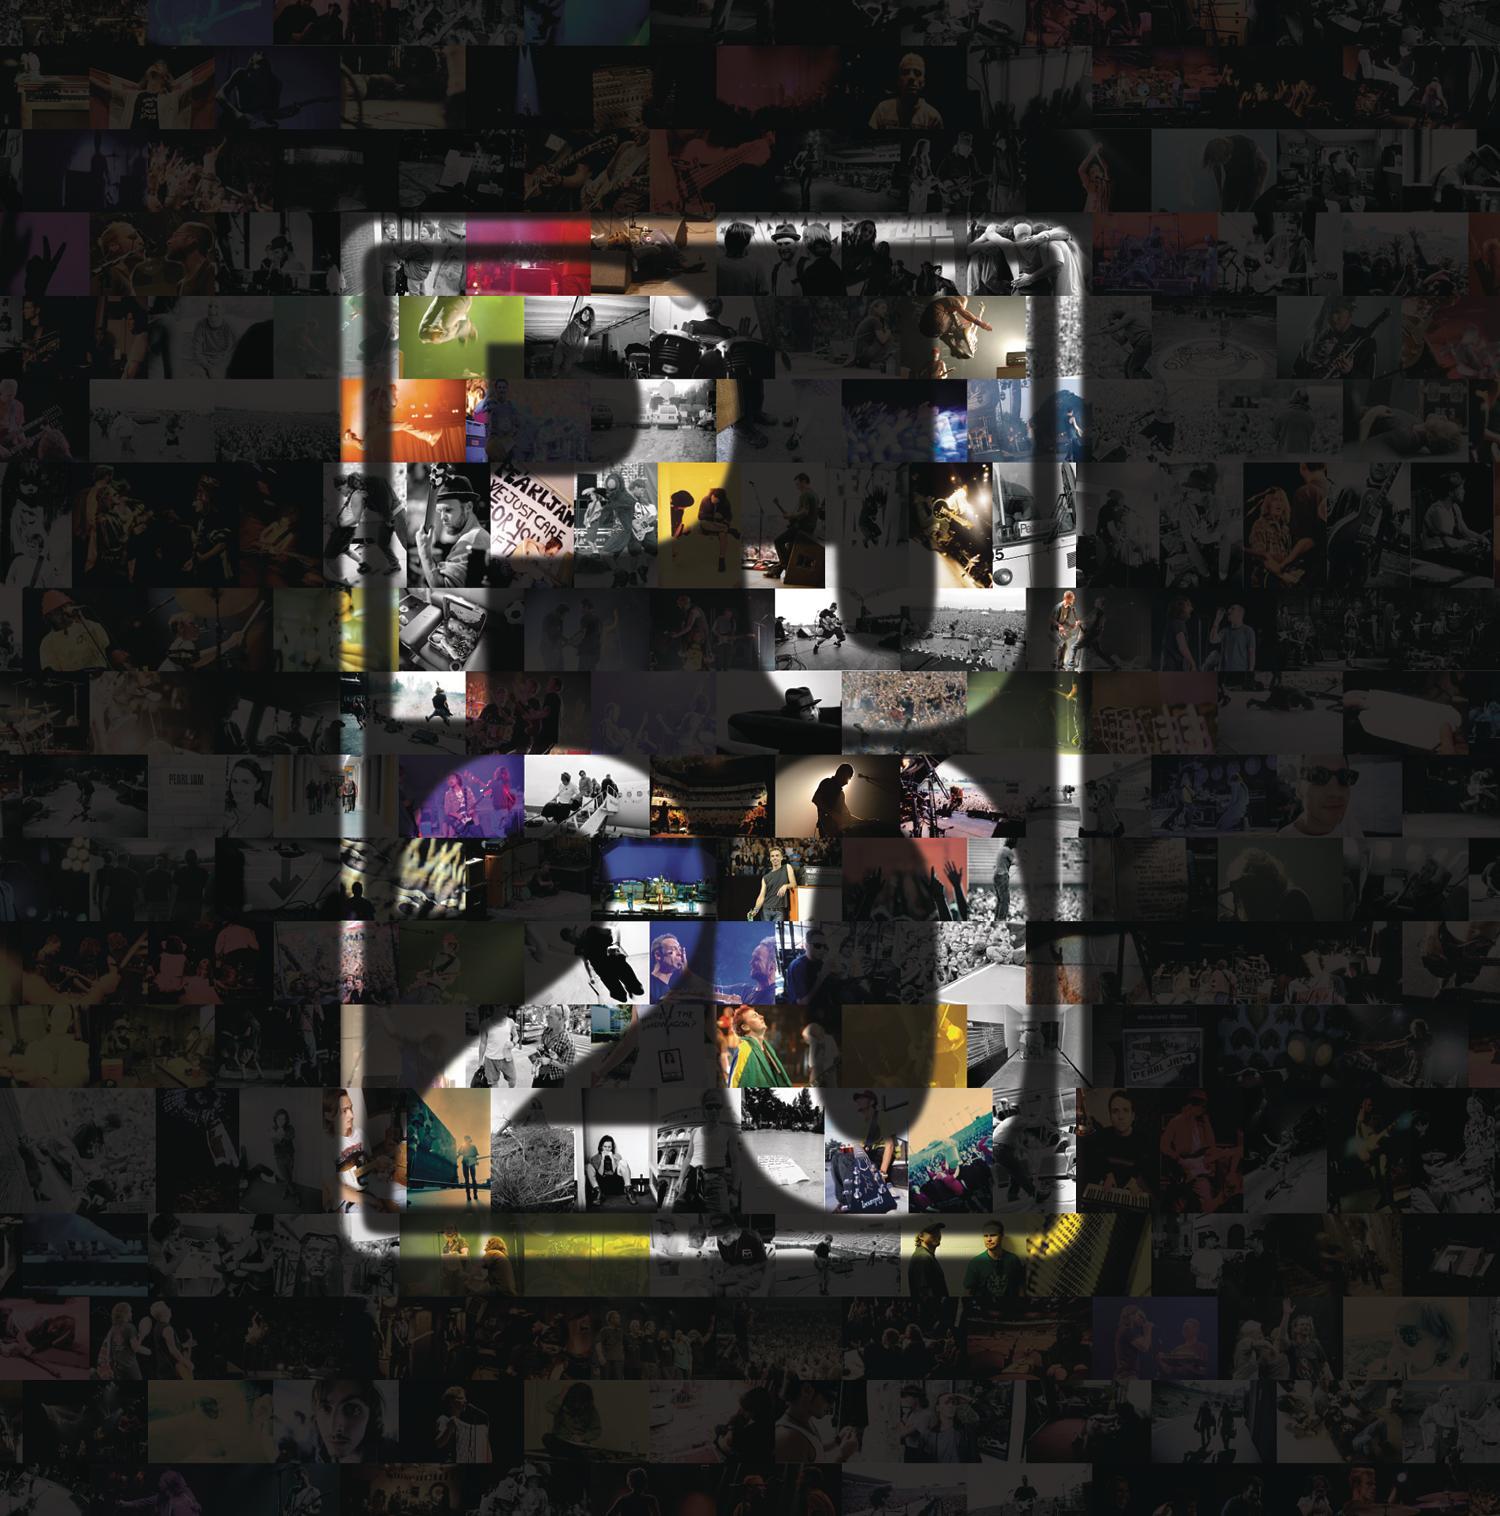 卡麥隆克洛操刀,珍珠果醬【20週年紀念電影】20日全球同步上映 重現95年台北演唱會珍貴畫面  回聲等十餘樂團首映朝聖